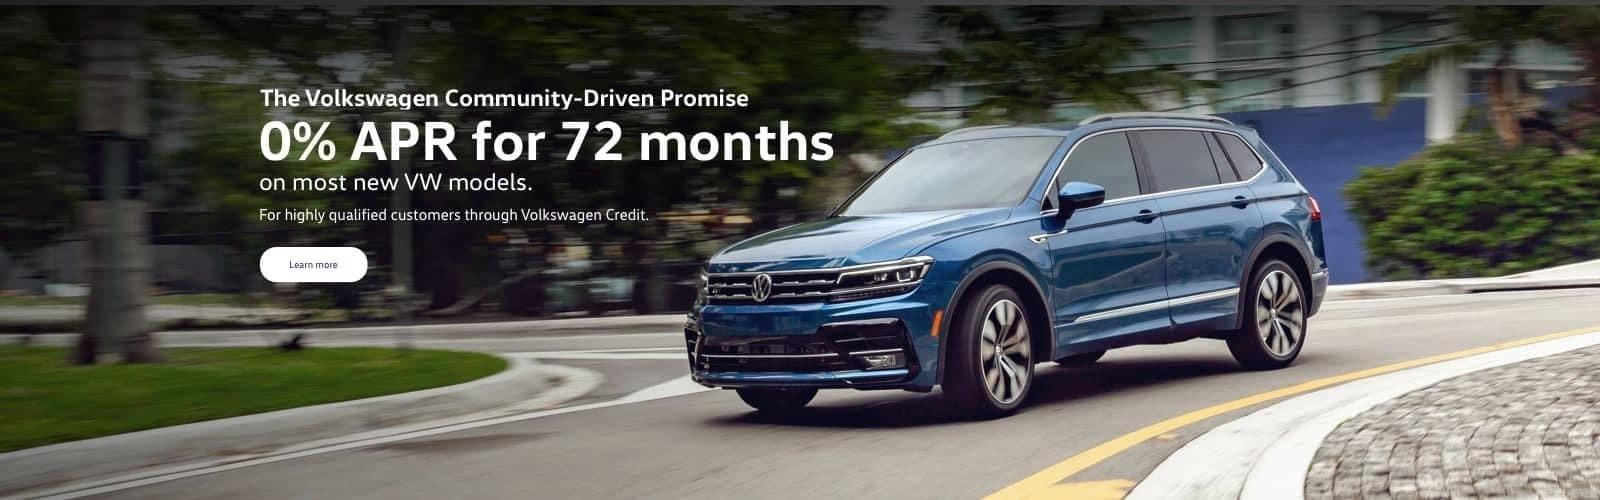 Highland VW | Volkswagen Dealer in Highland & Hammond, IN